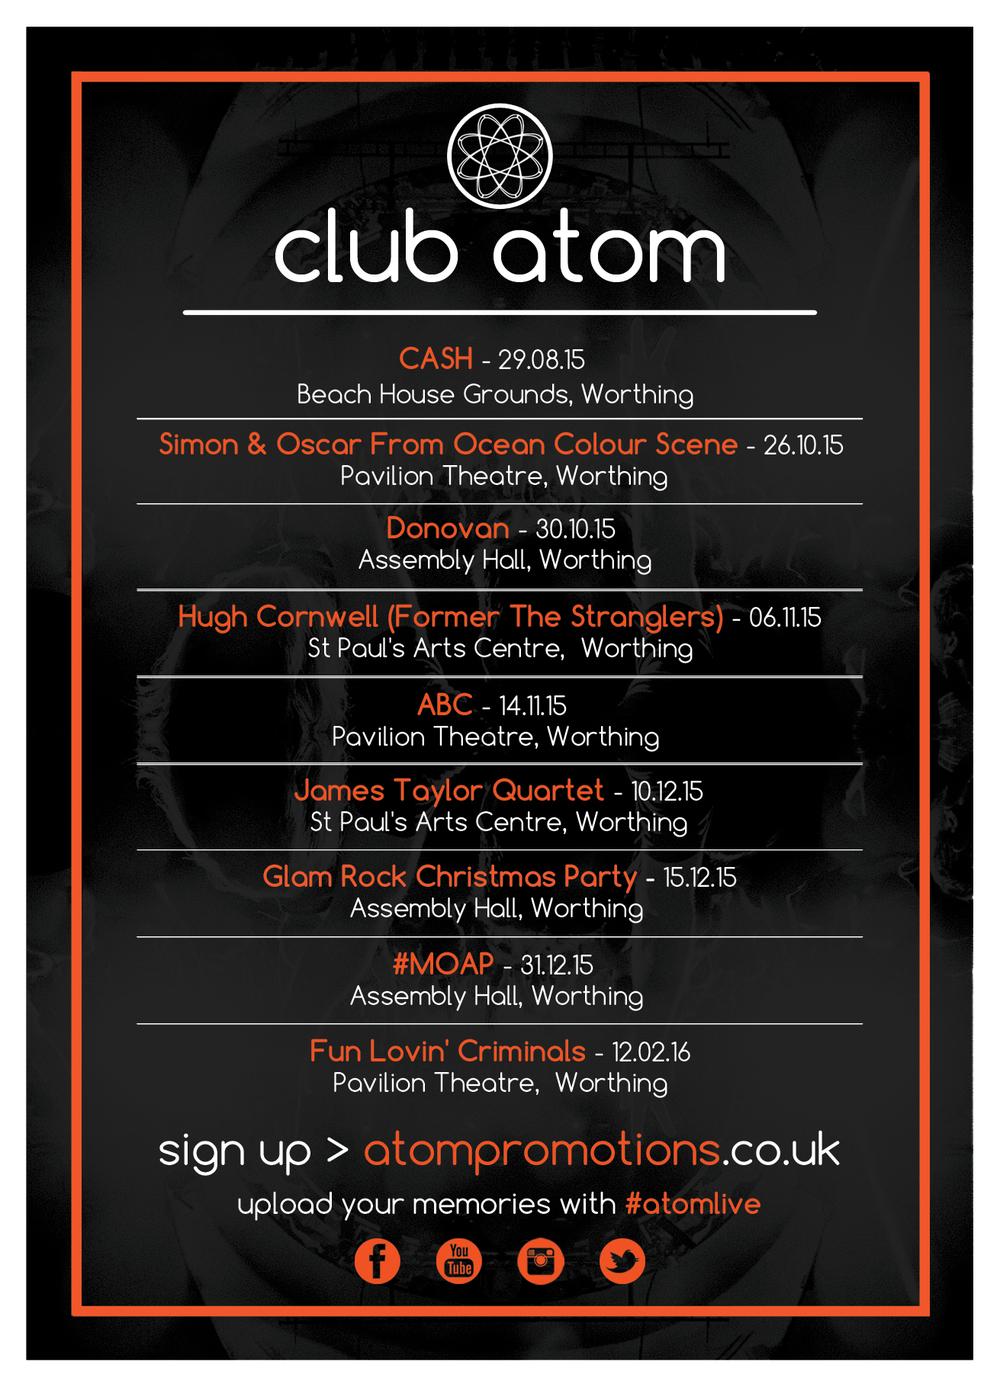 Club atom